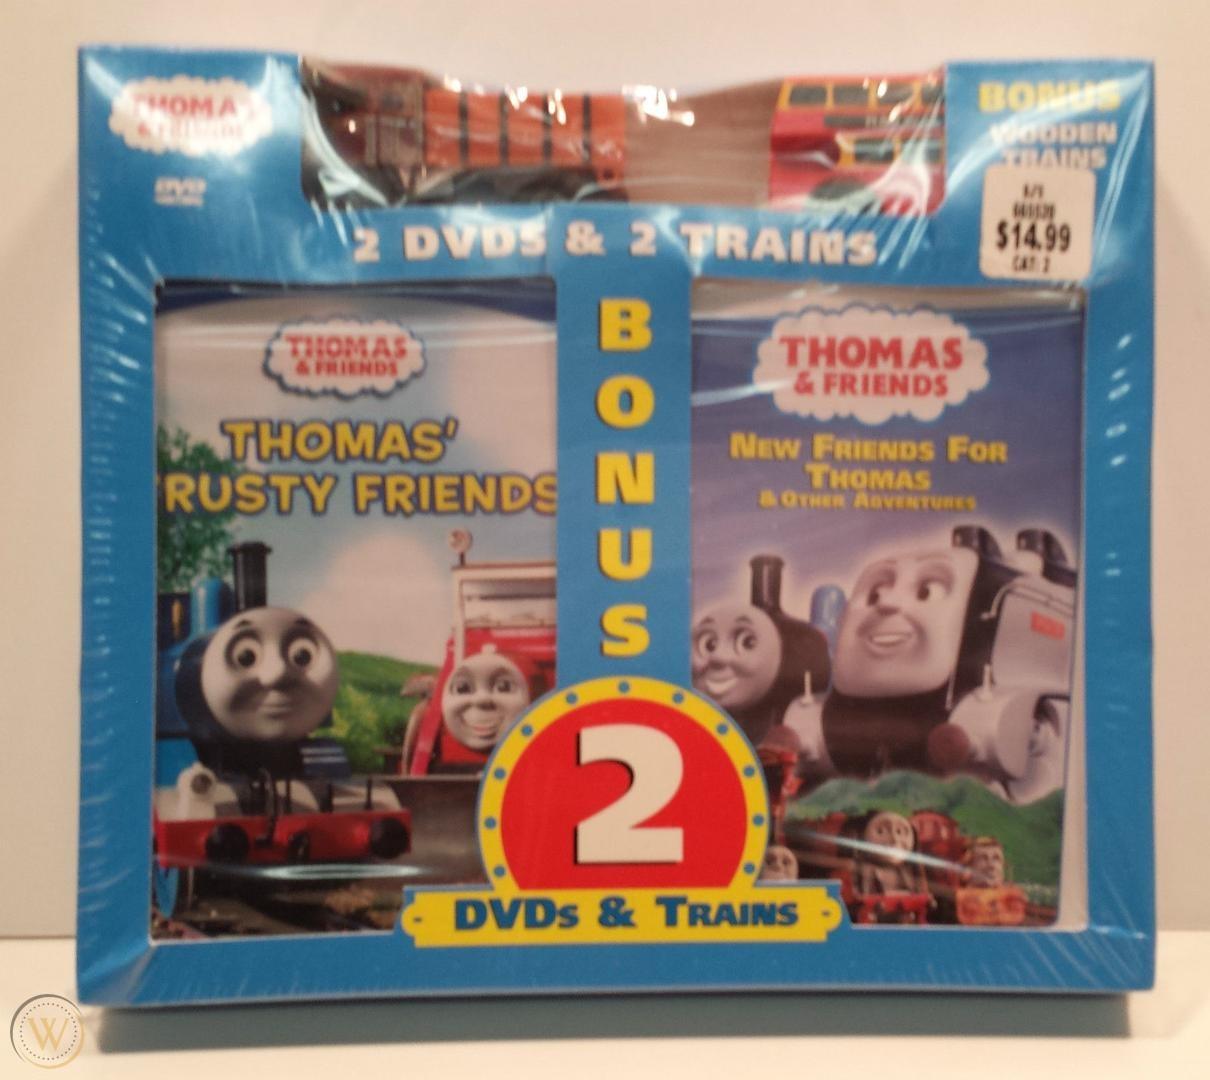 File:Thomas'TrustyFriendsandNewFriendsforThomasDVDwithWoodenElizabethandBulgy.jpg